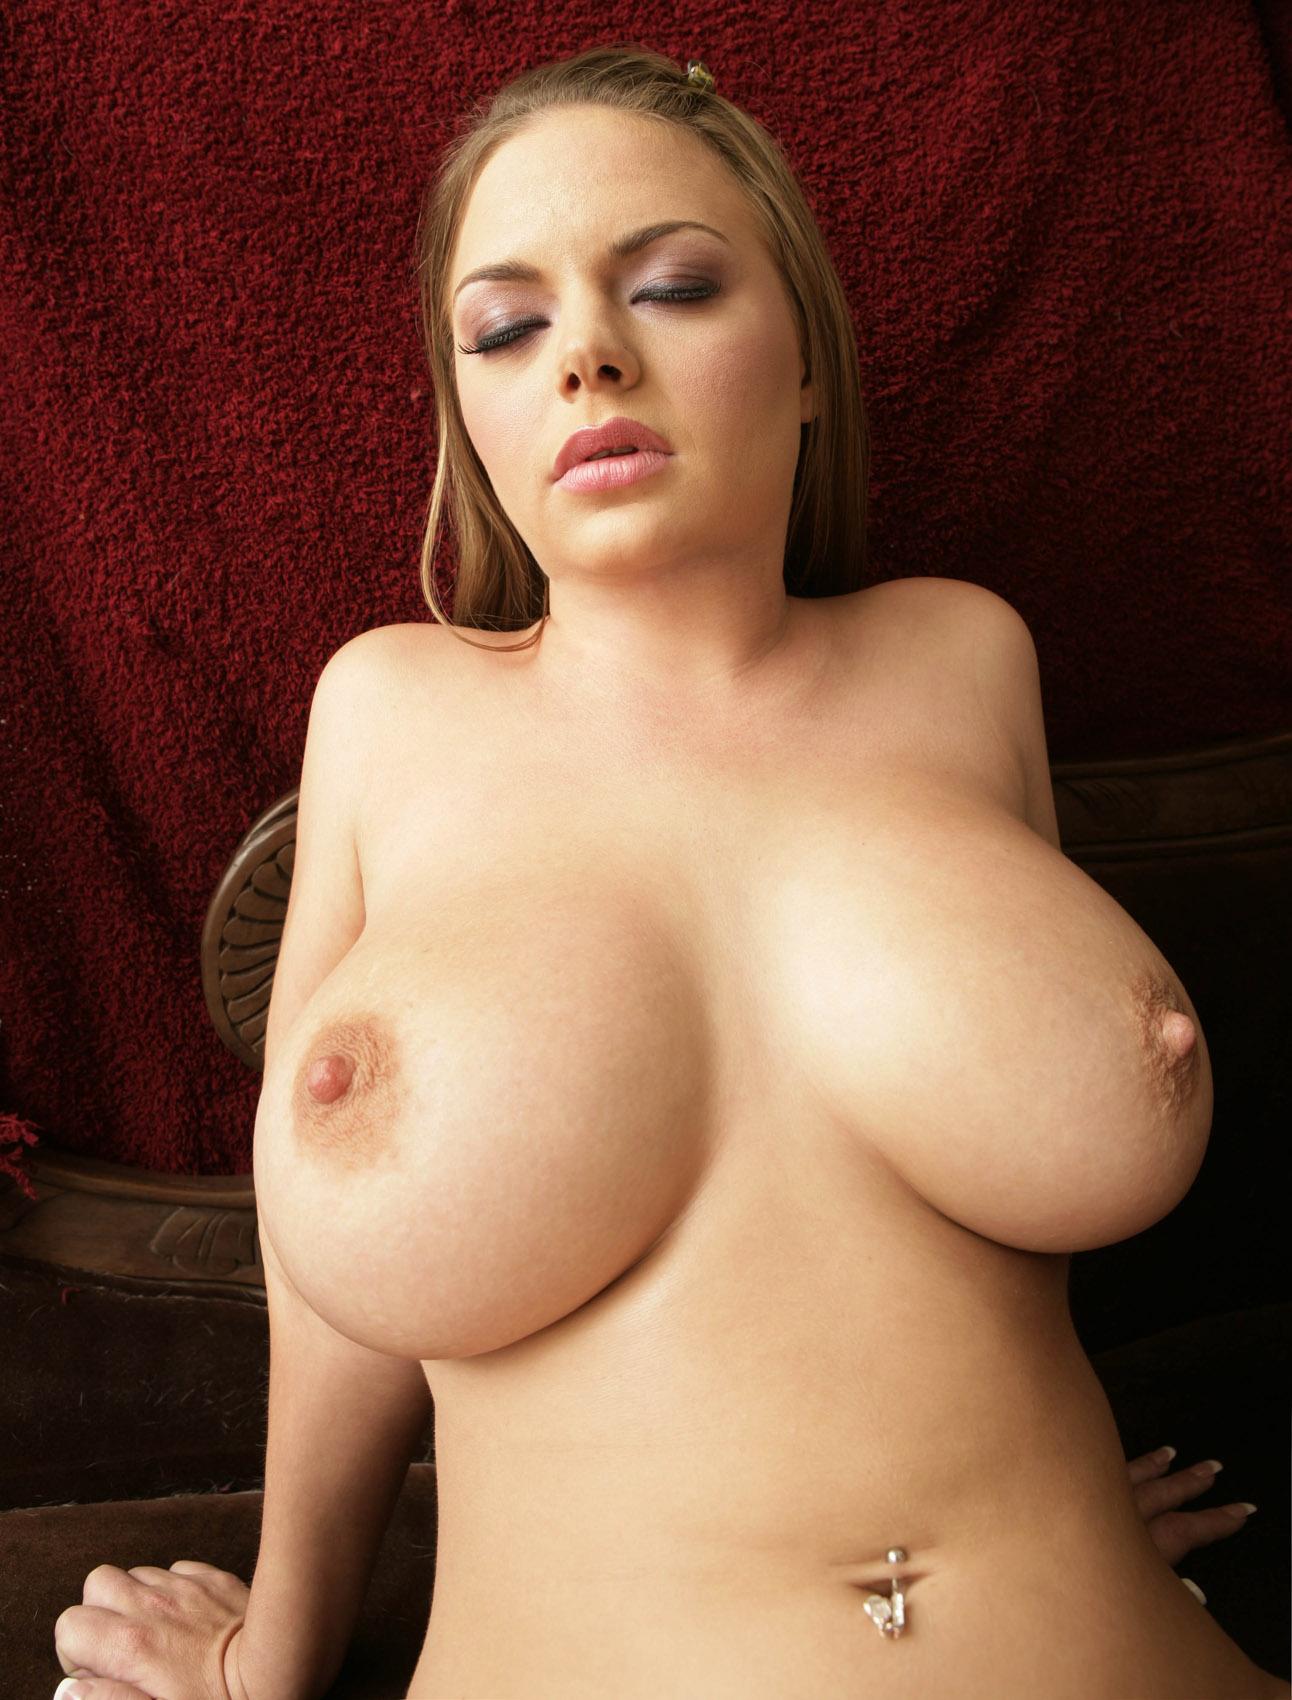 Real life big boob elf porn pics sex pornstar